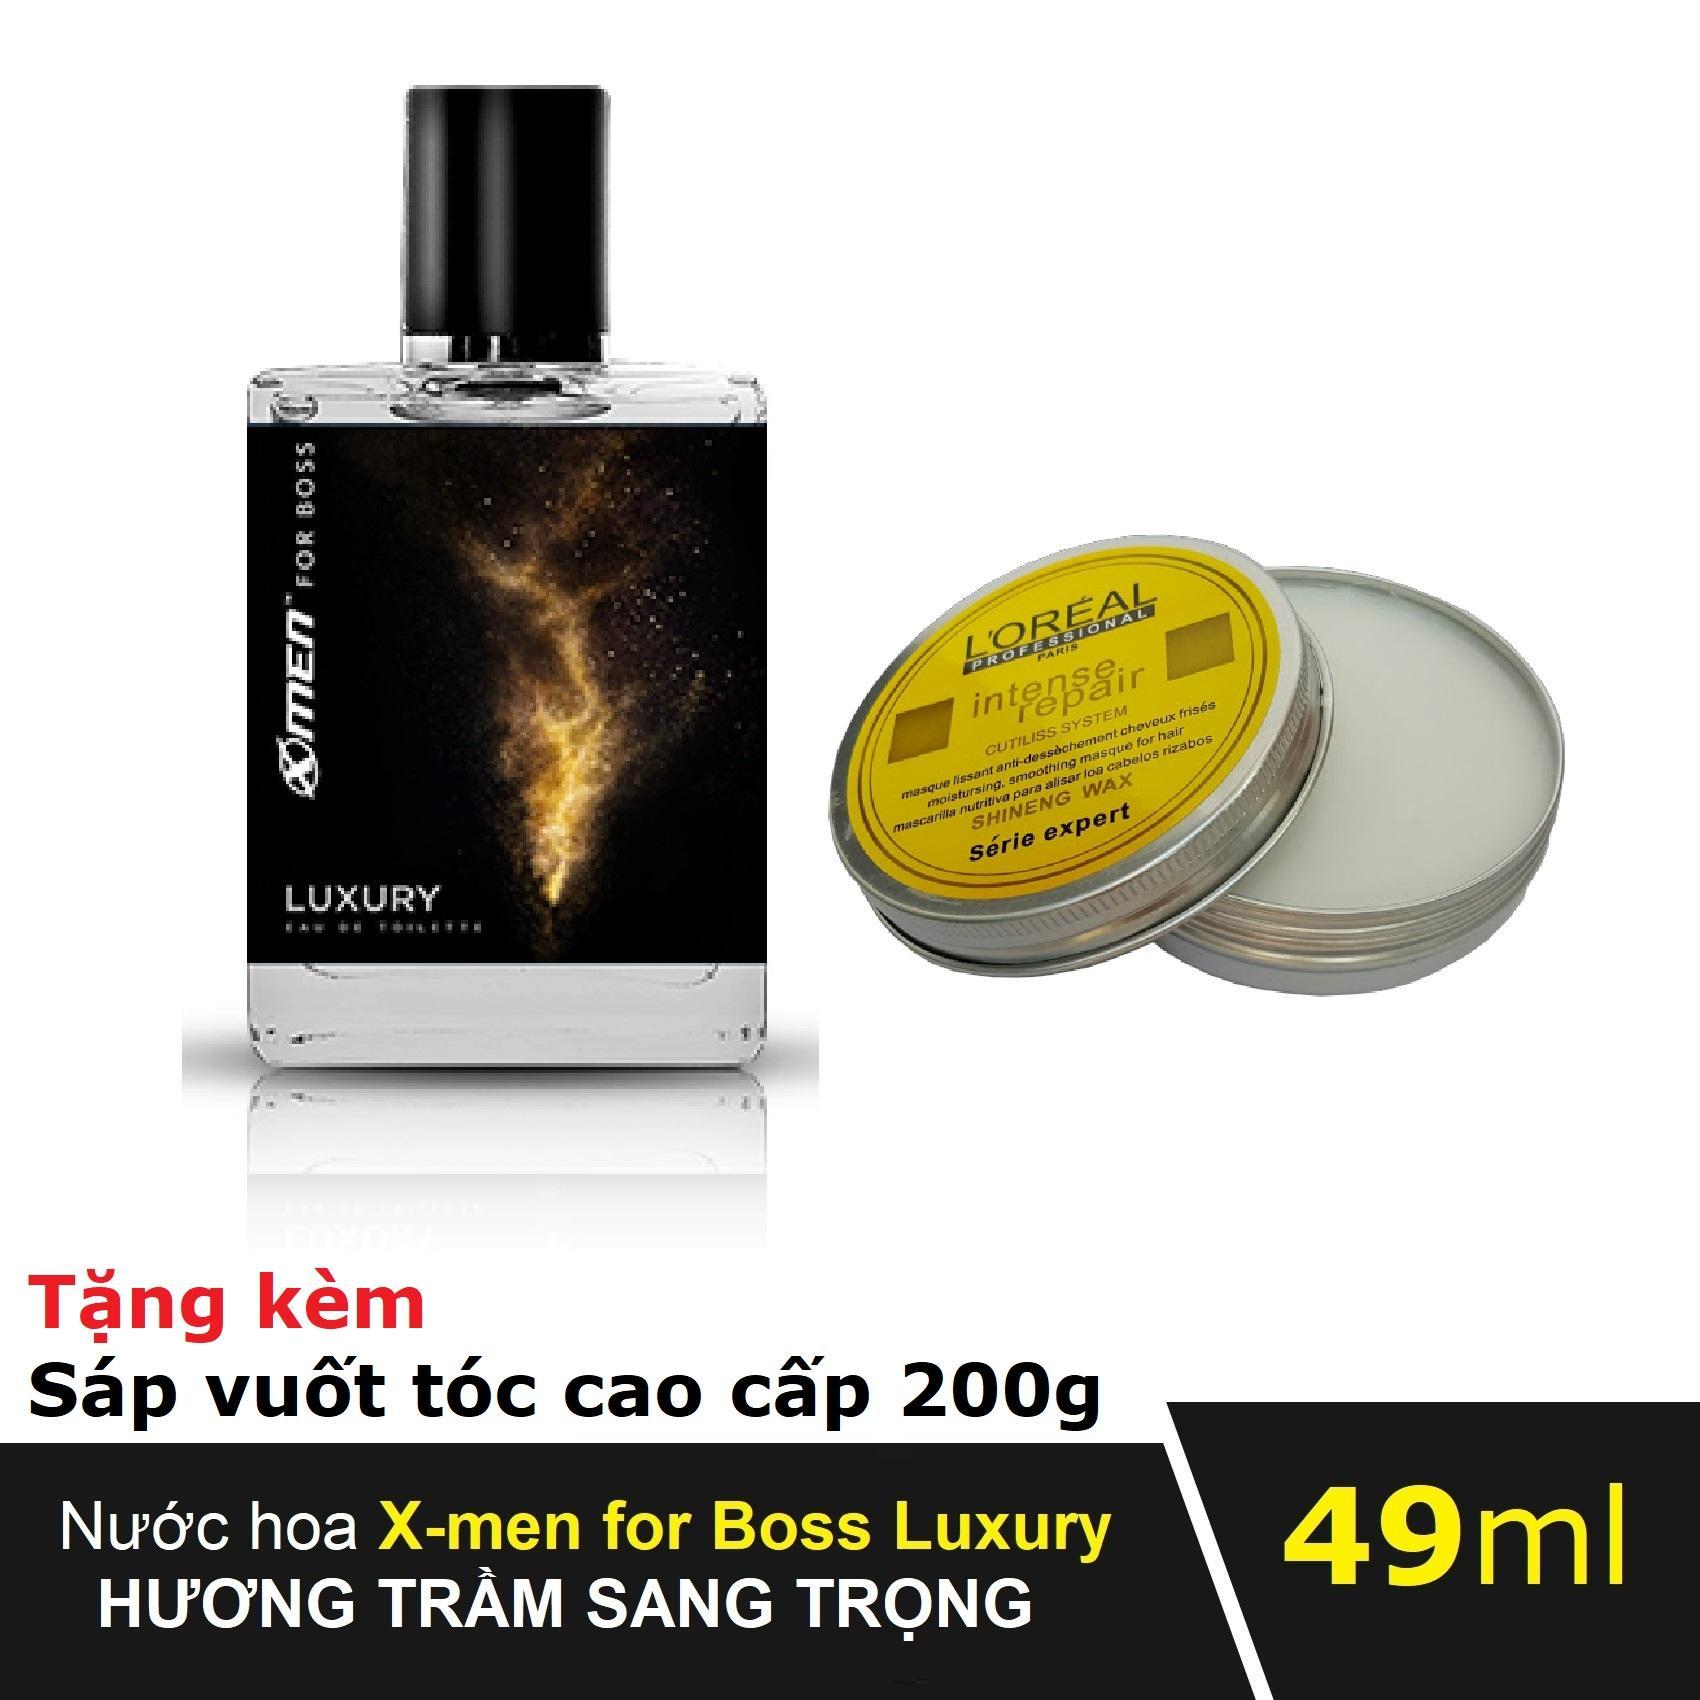 Nước hoa Xmen for Boss Luxury 49ml tặng kèm Sáp vuốt tóc cao cấp 200g